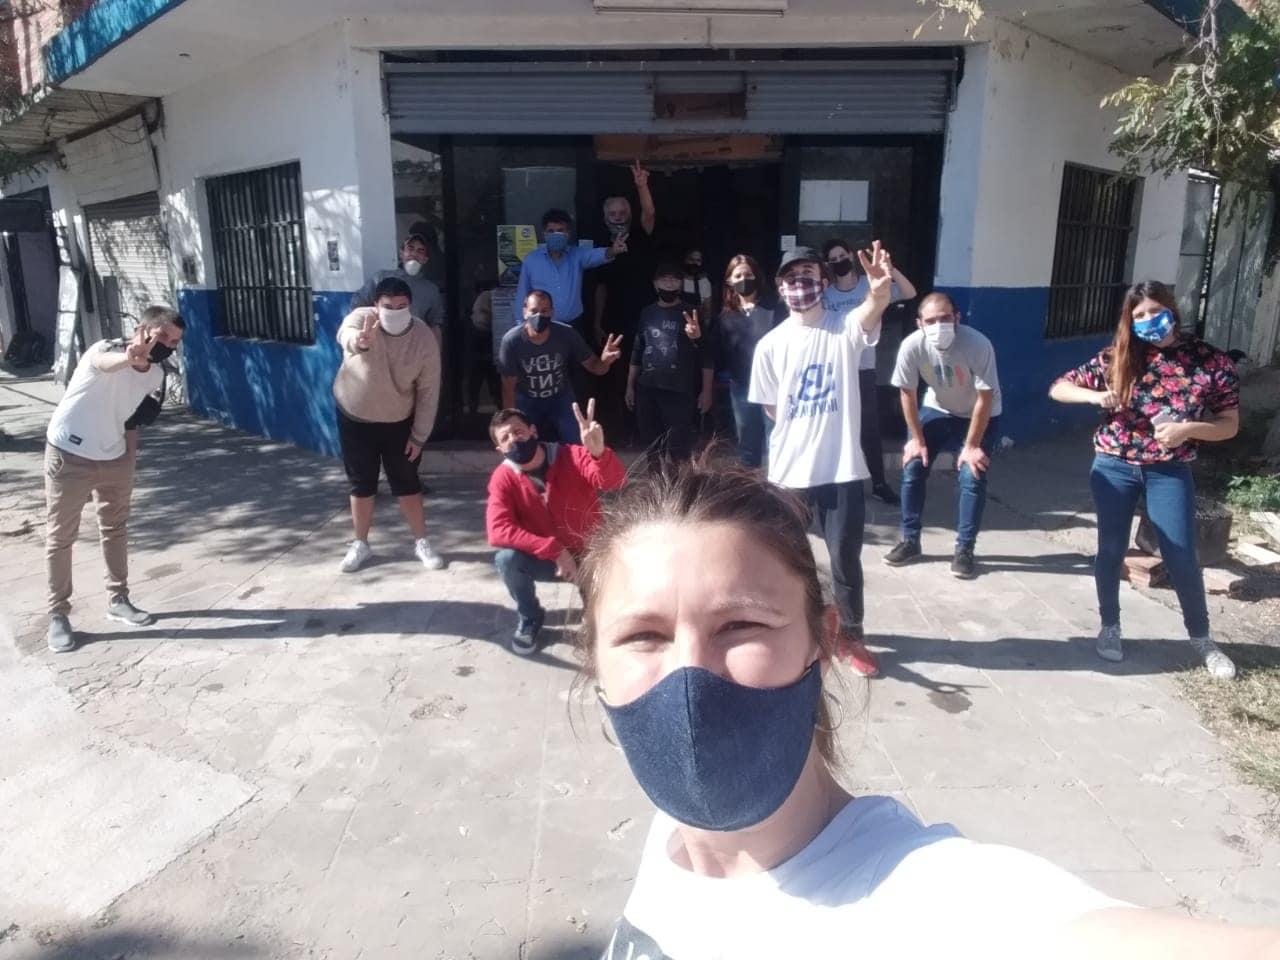 Un acuerdo entre distintas organizaciones sociales, políticas, religiosas, gremiales y deportivas logró llegar con 50 ollas solidarias a los barrios populares de Ituzaingó